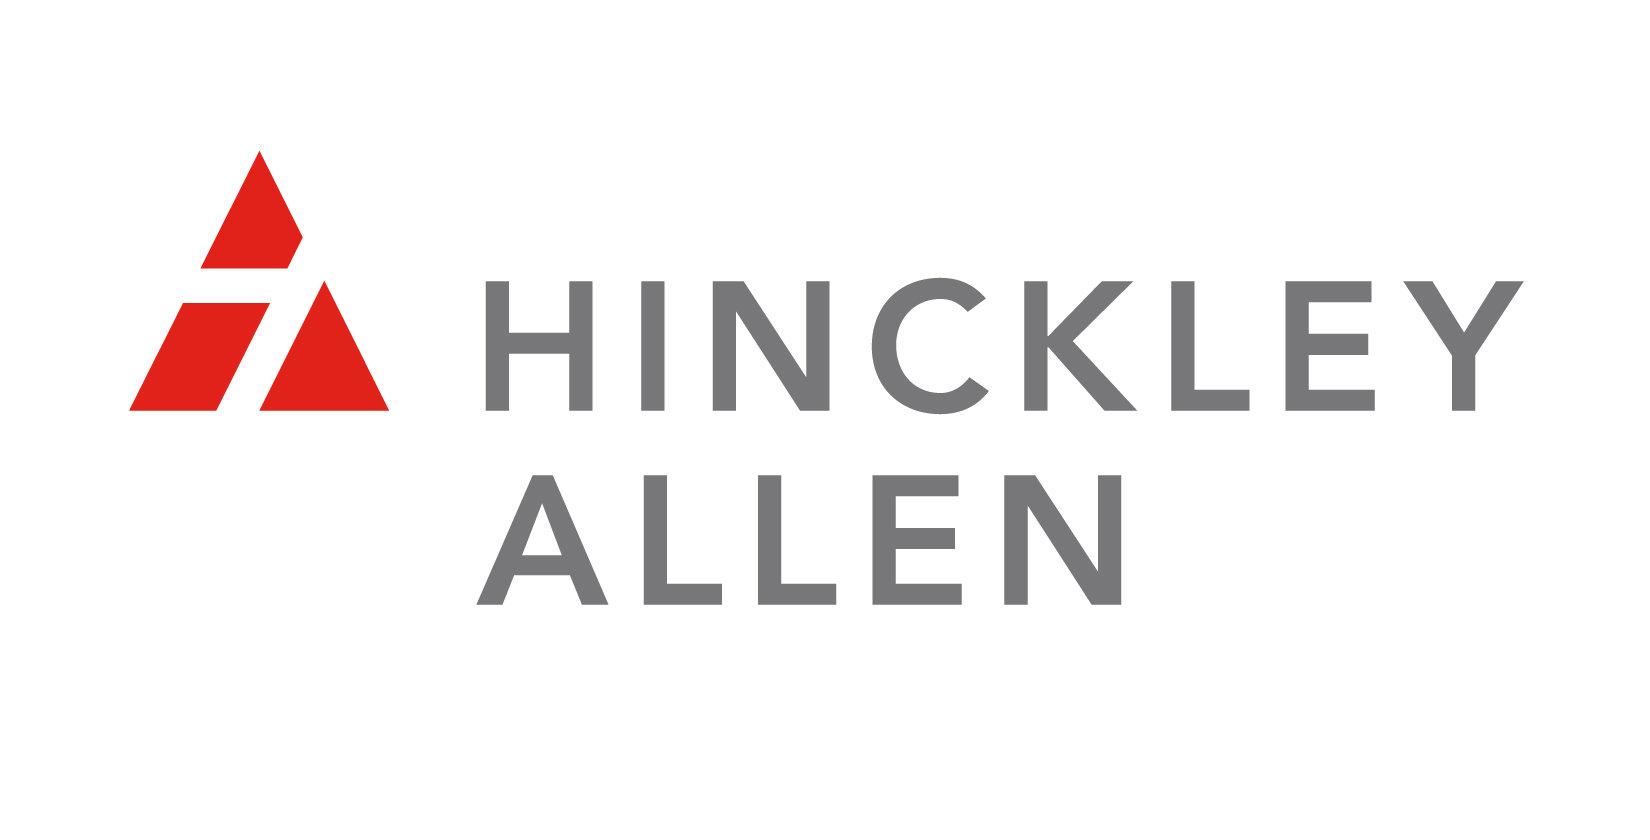 Hinckley Allen red and grey logo